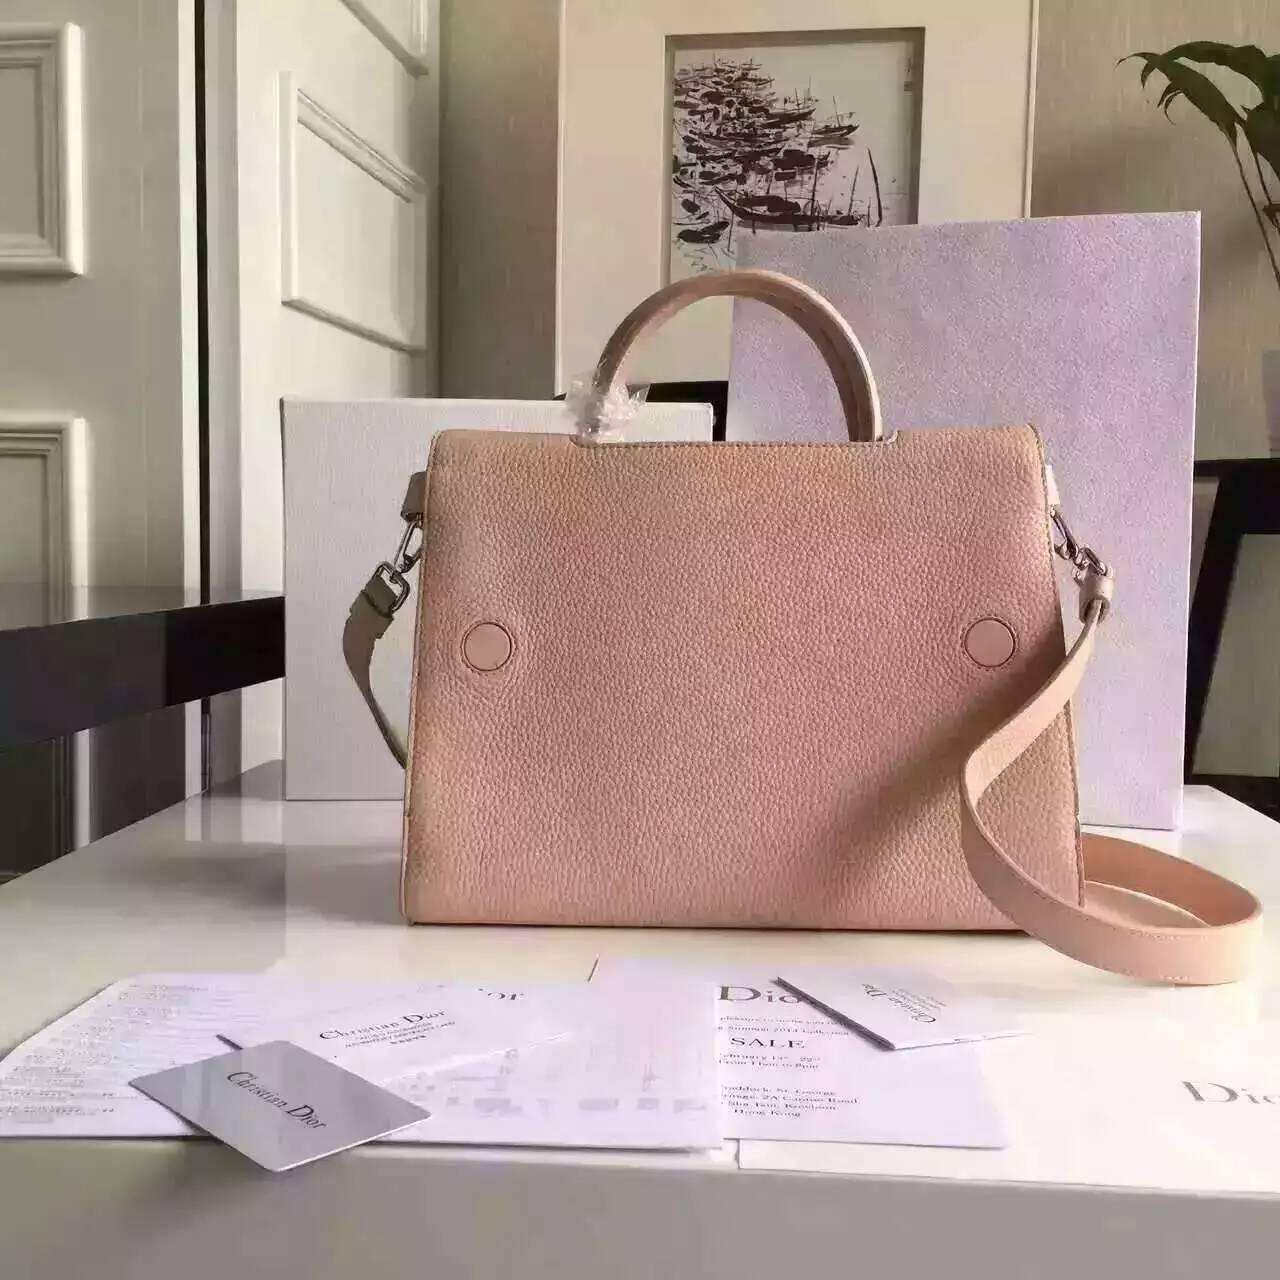 Dior迪奥女包价格 16年新款Diorever裸粉色荔枝纹手提斜挎包30cm